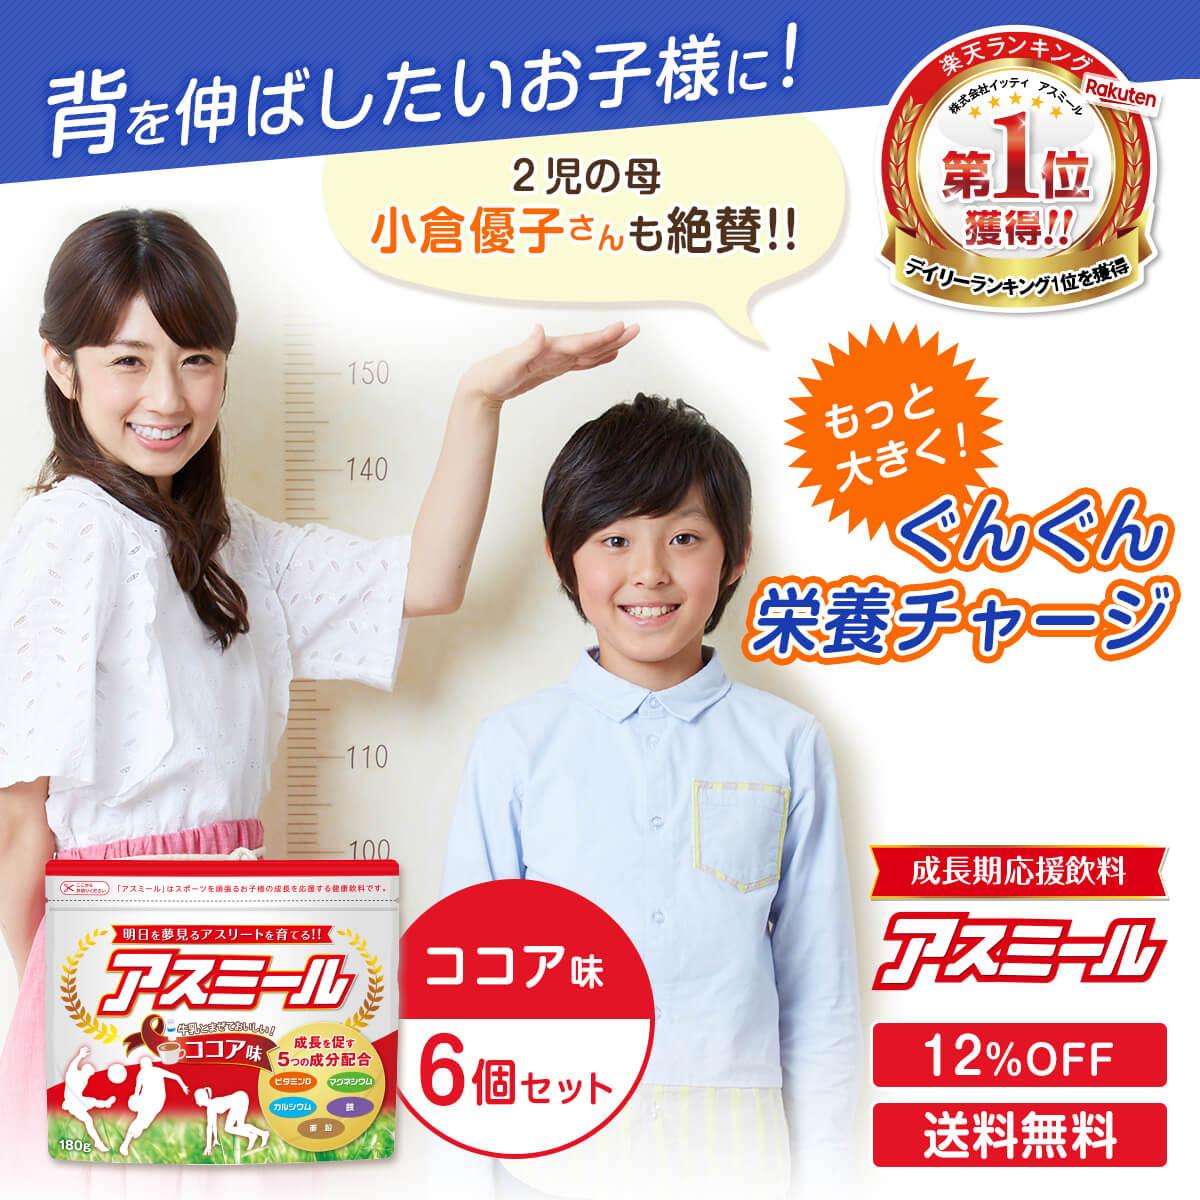 【アスミール】6個セット お子様の成長期応援飲料